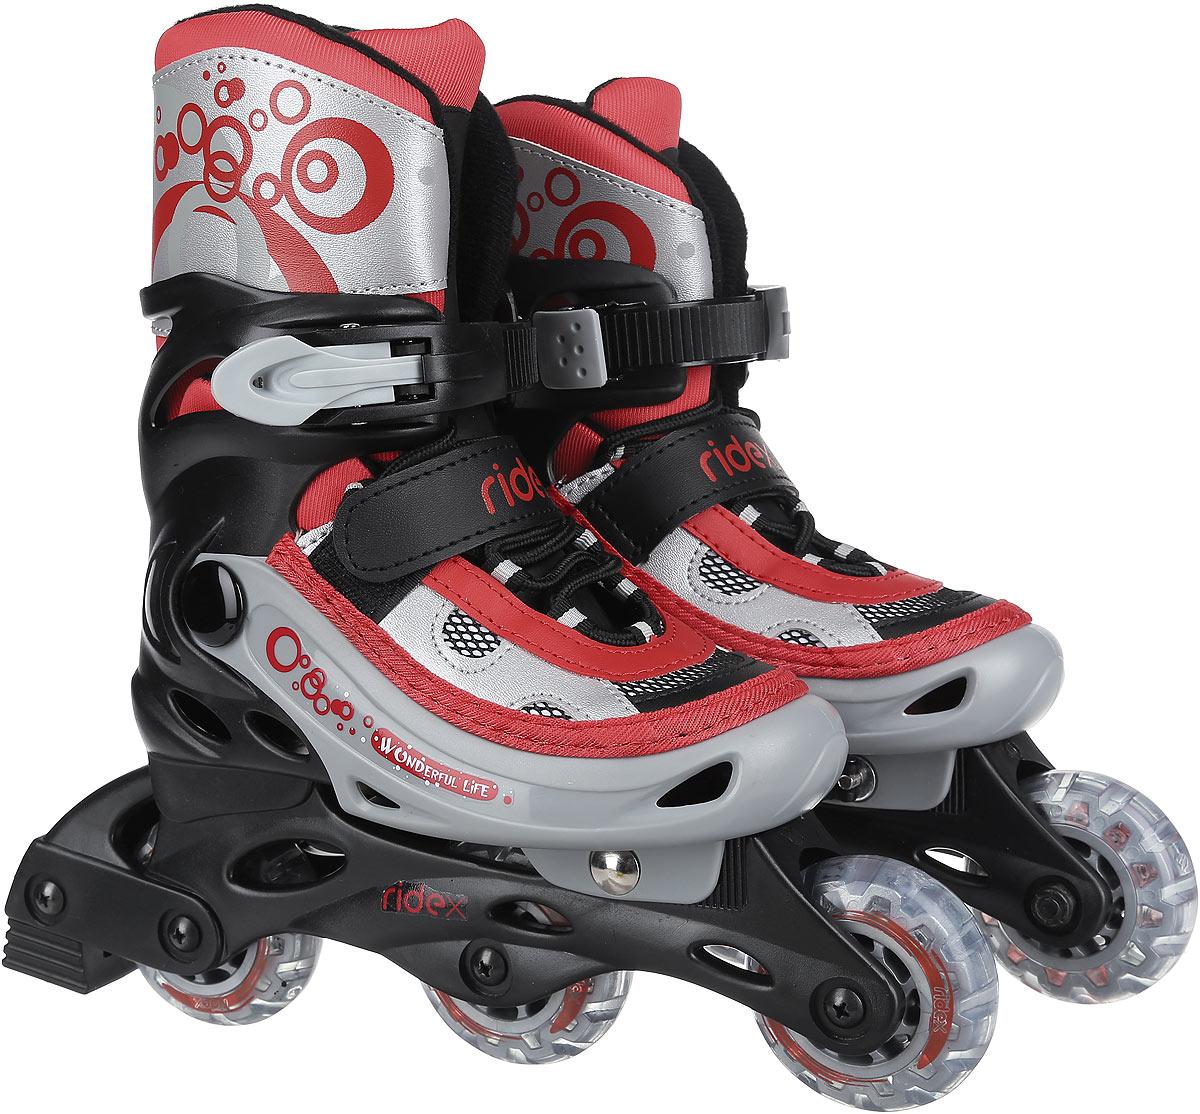 Коньки роликовые Ridex Rush, раздвижные, цвет: черный, красный, серый. УТ-00008096. Размер 35/38